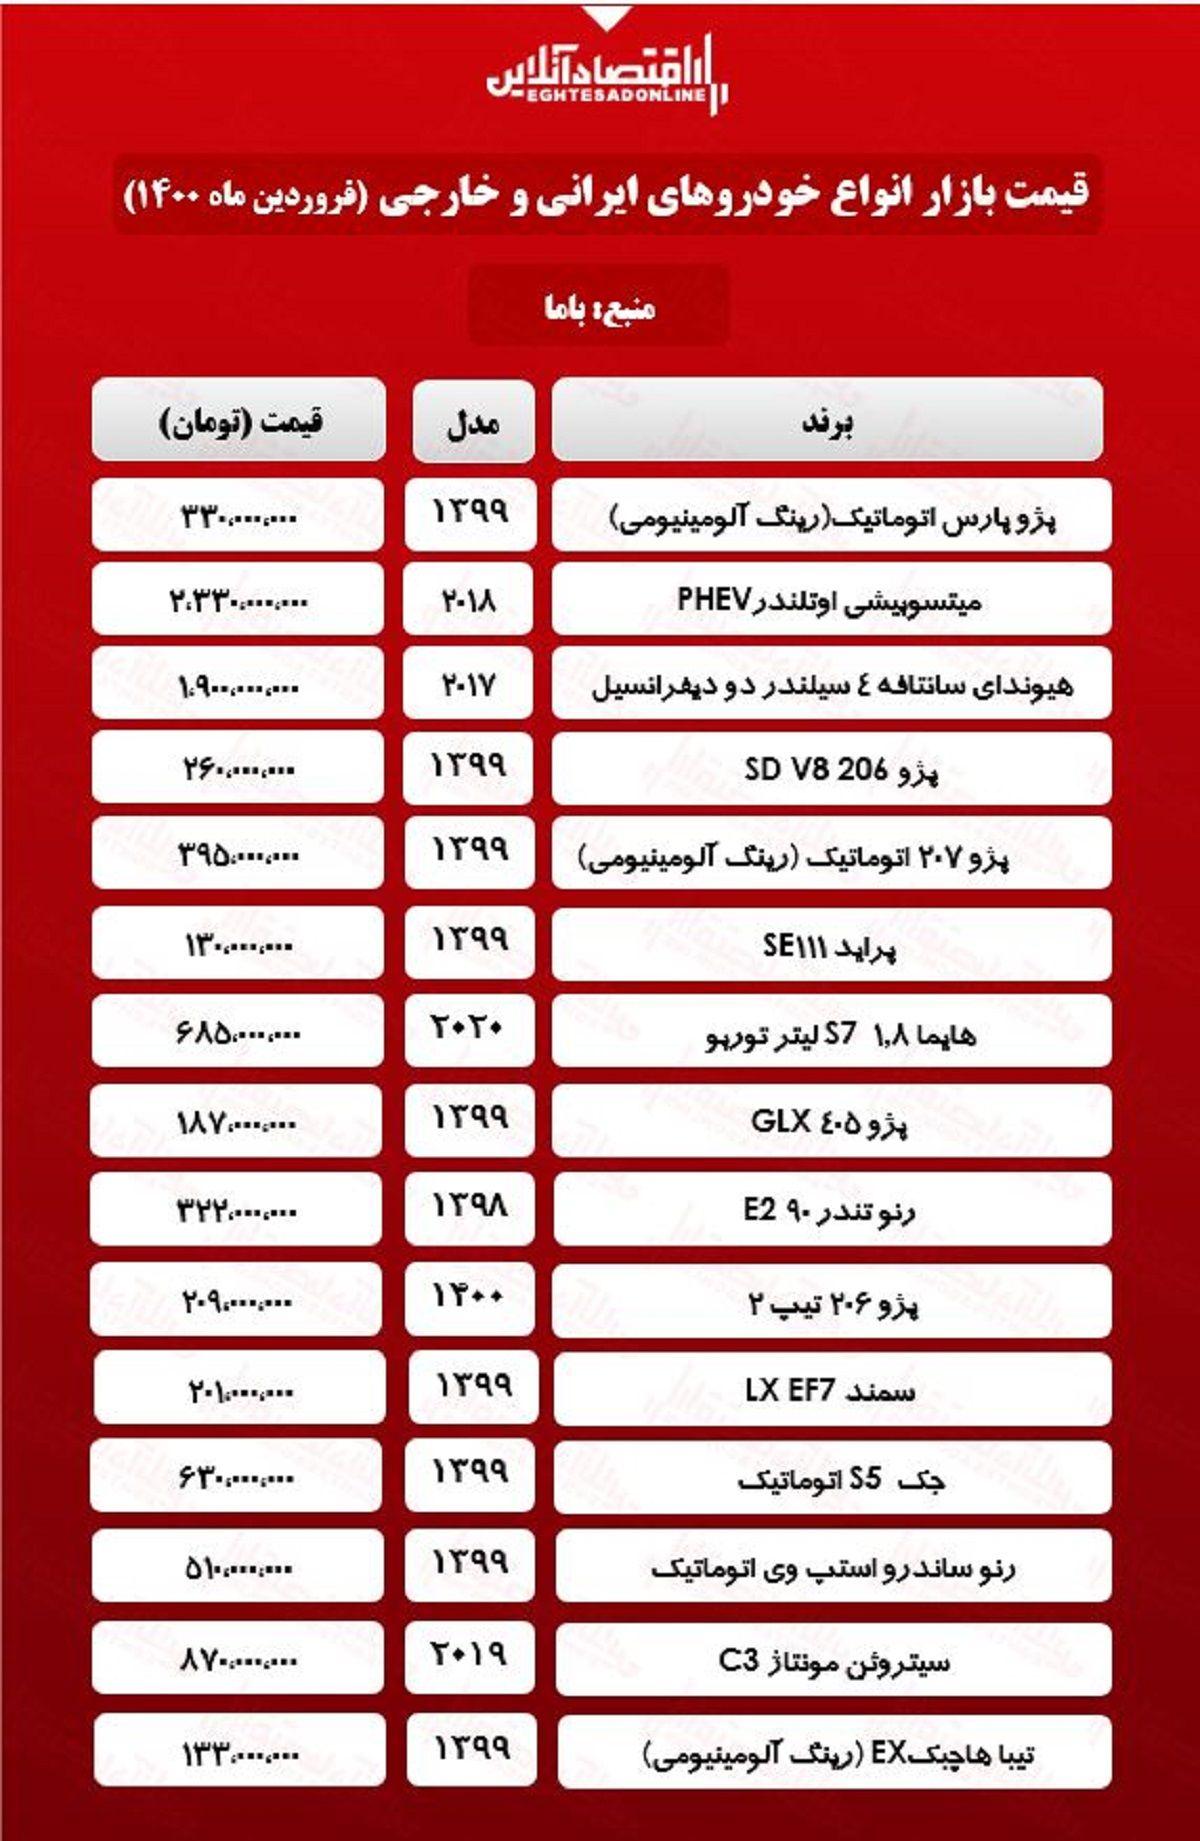 قیمت خودرو امروز ۱۴۰۰/۱/۲۶